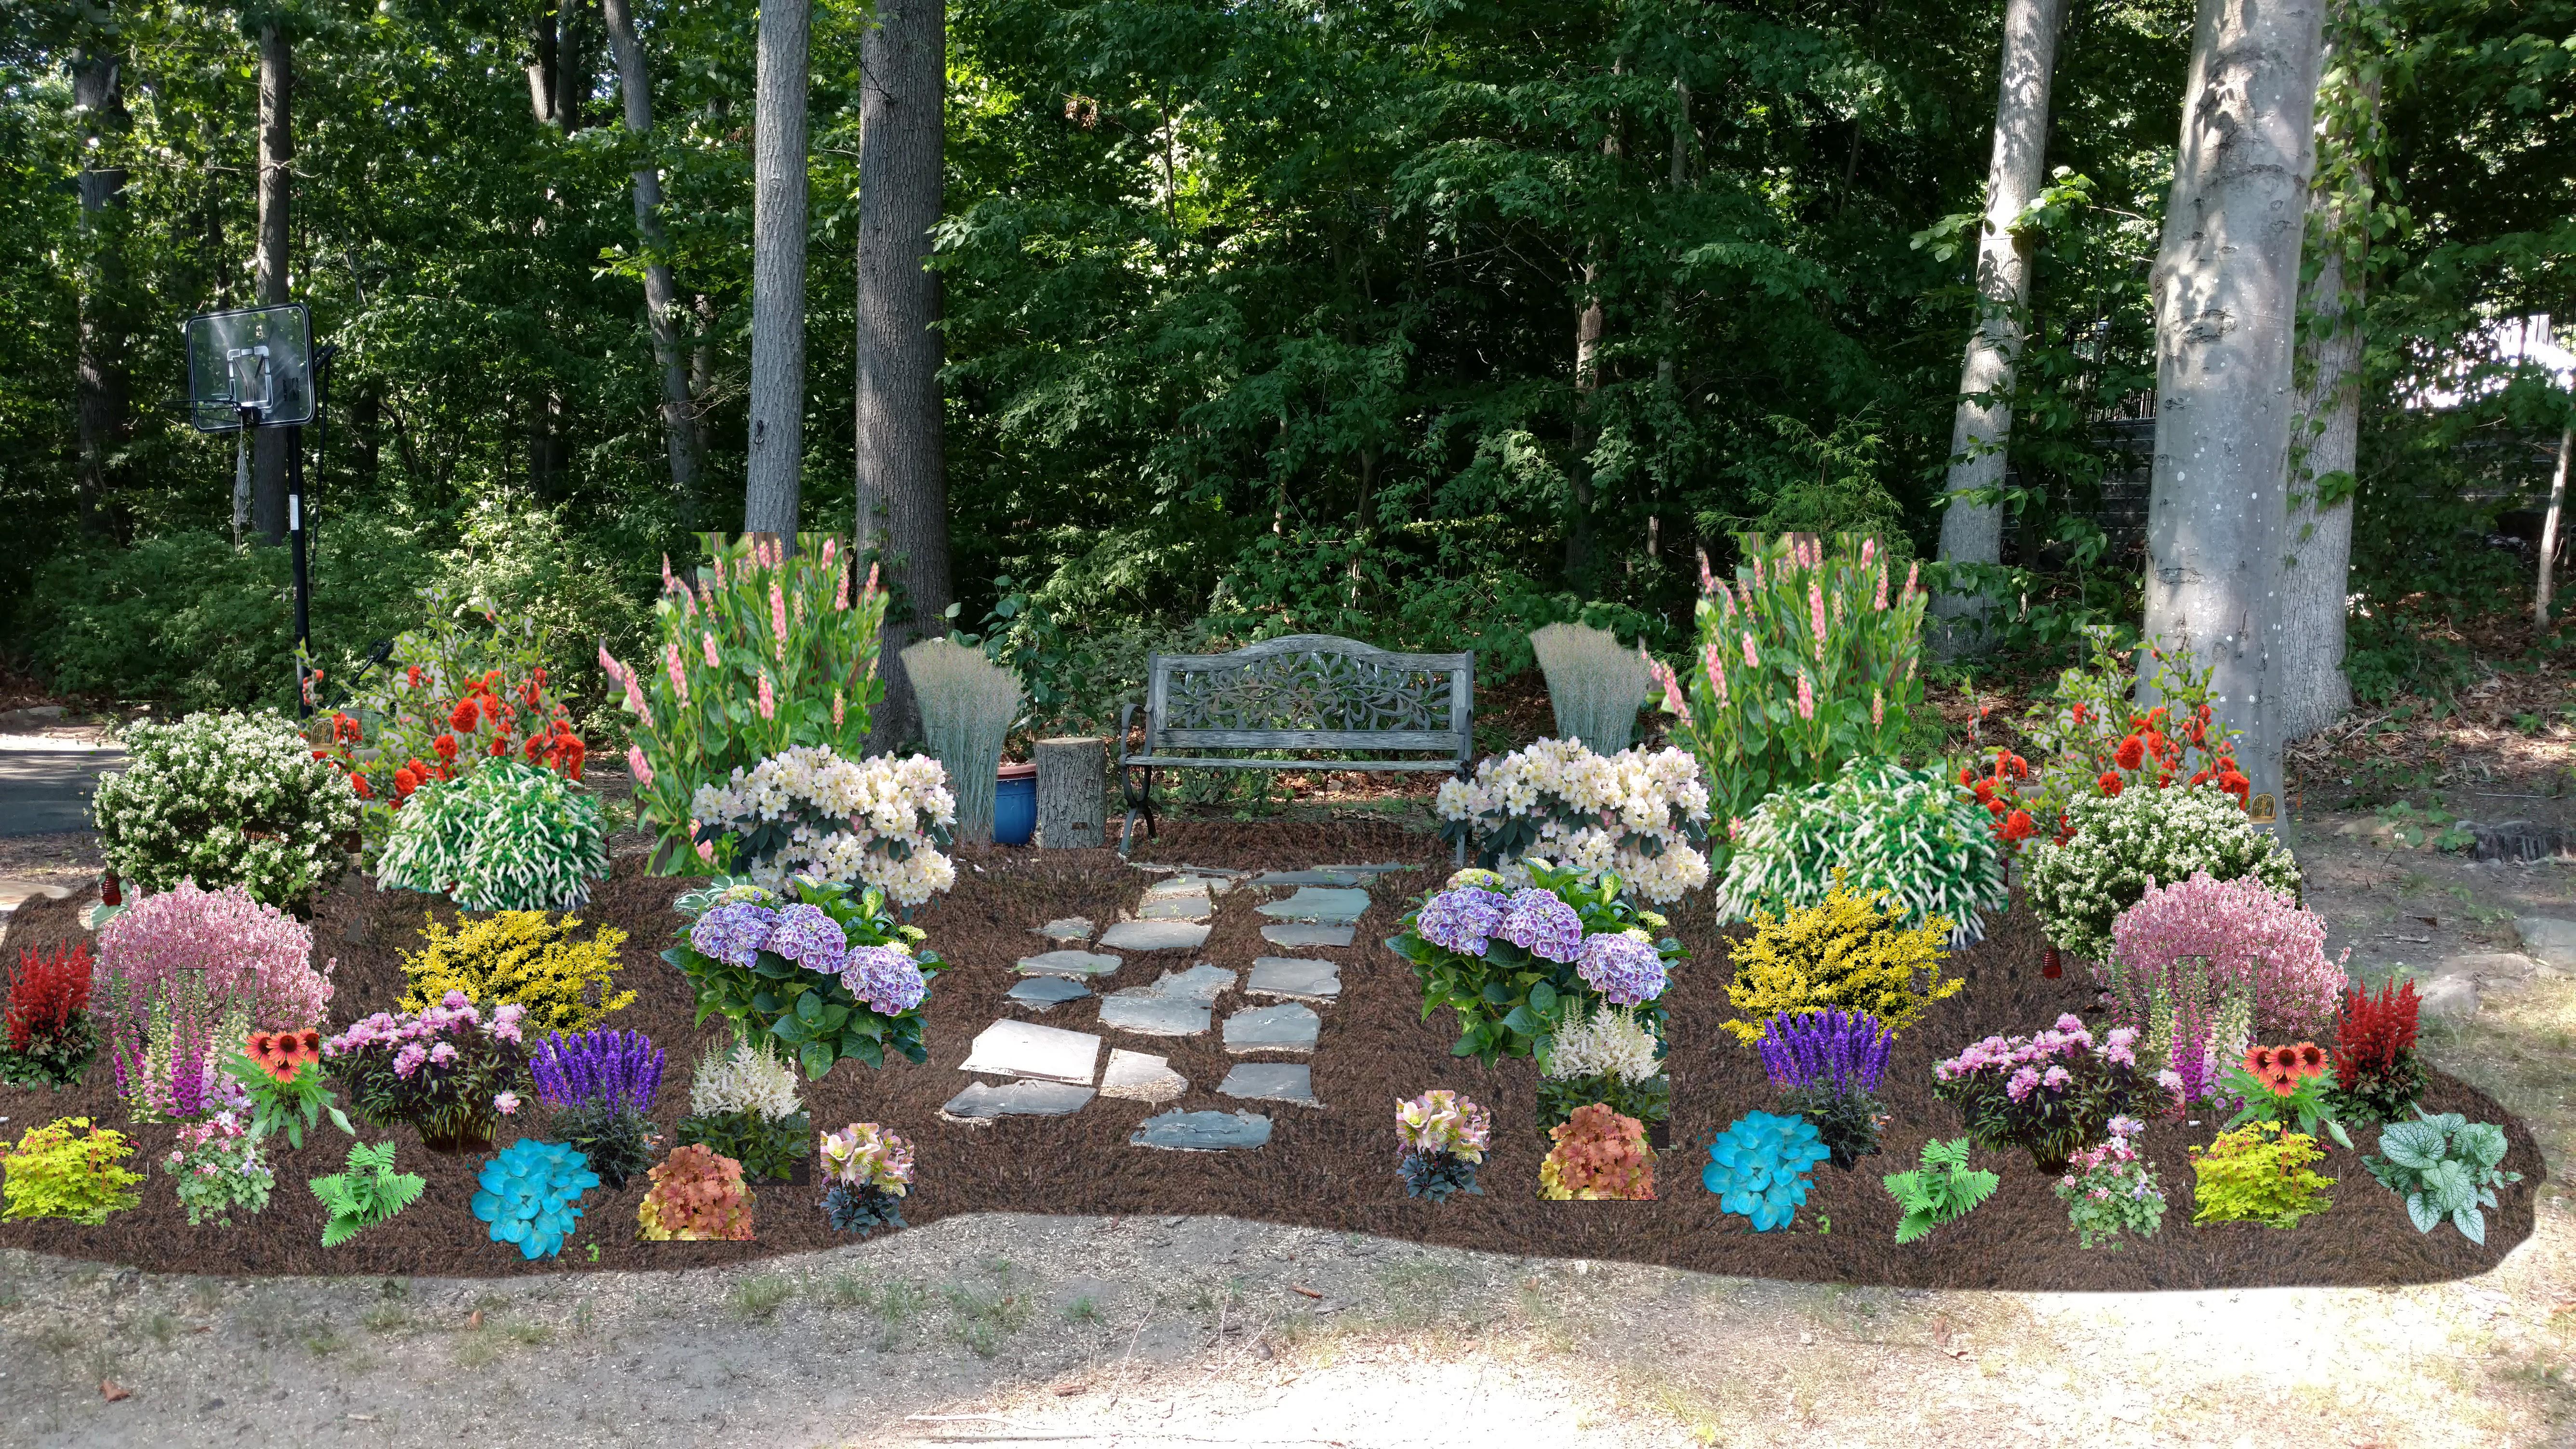 Madison Memorial Garden